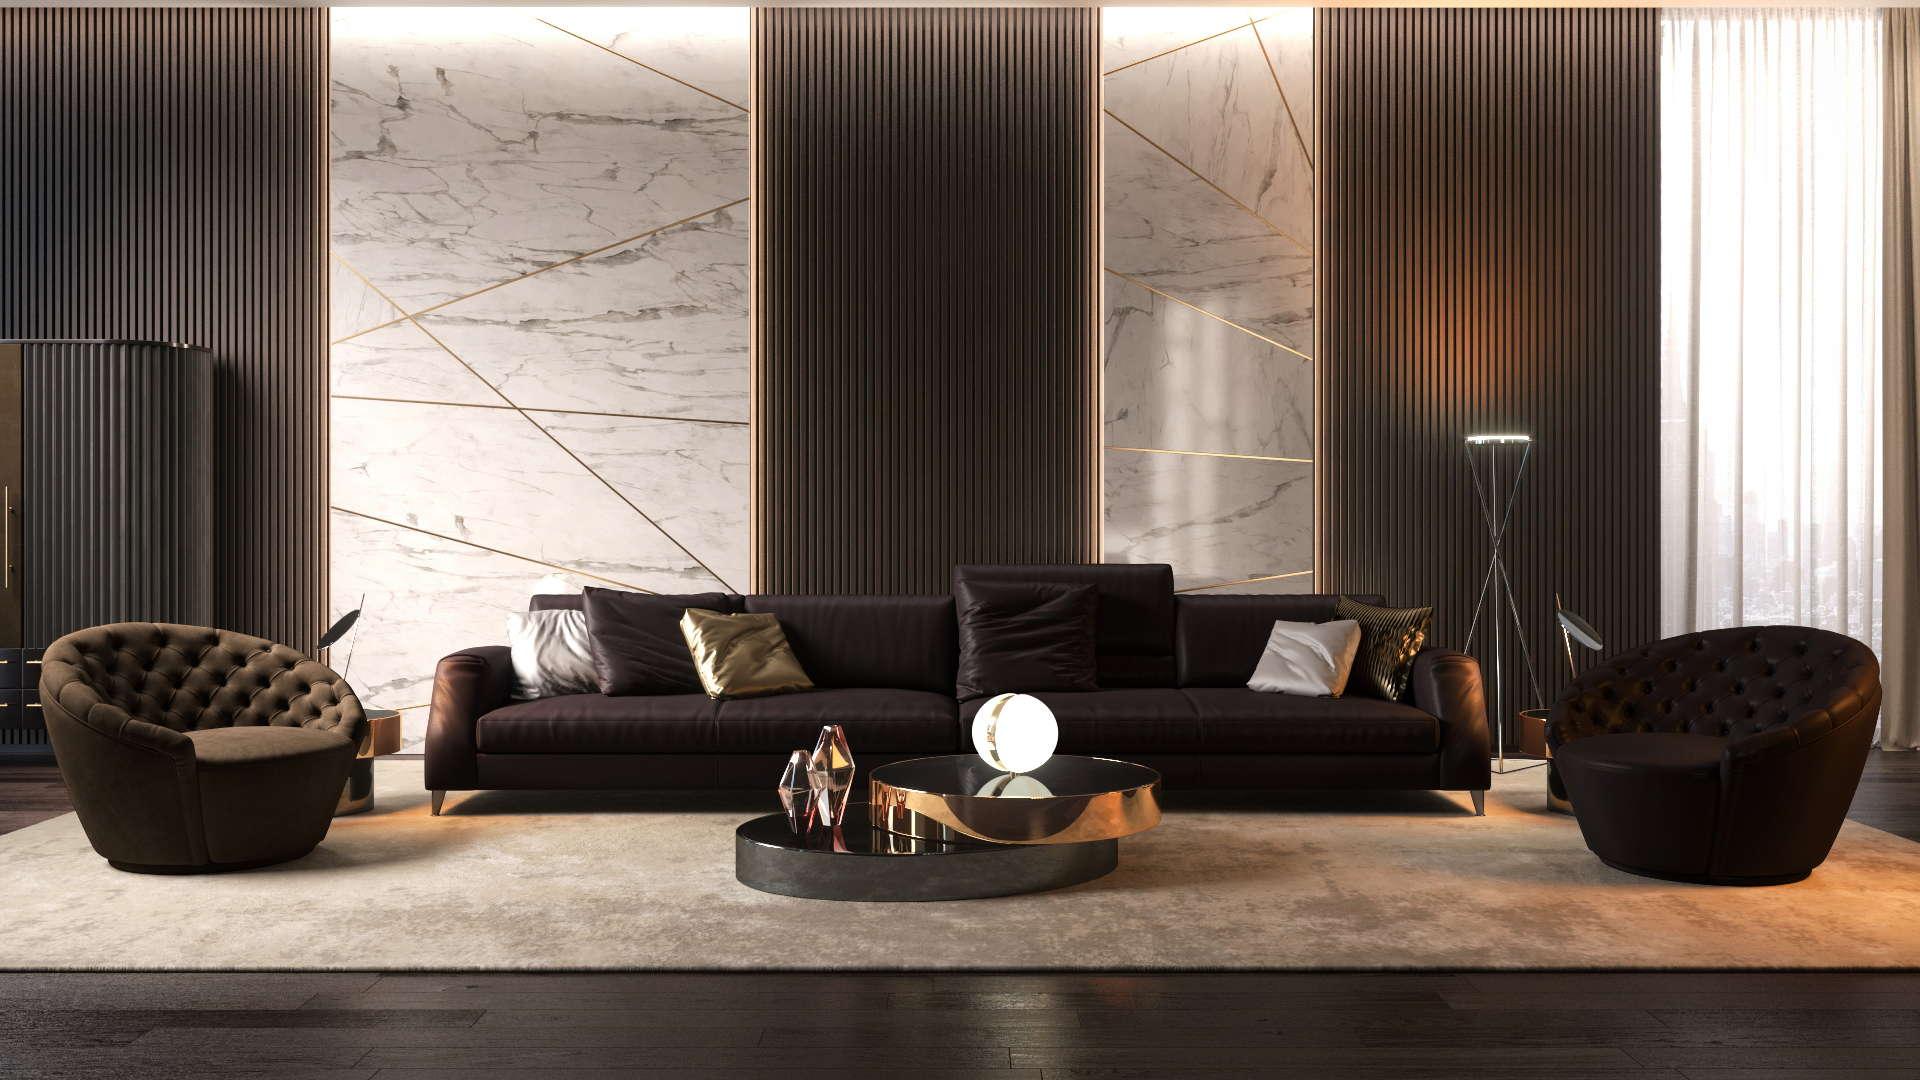 Place design e rendering interni architettura Cagliari Sardegna Italia